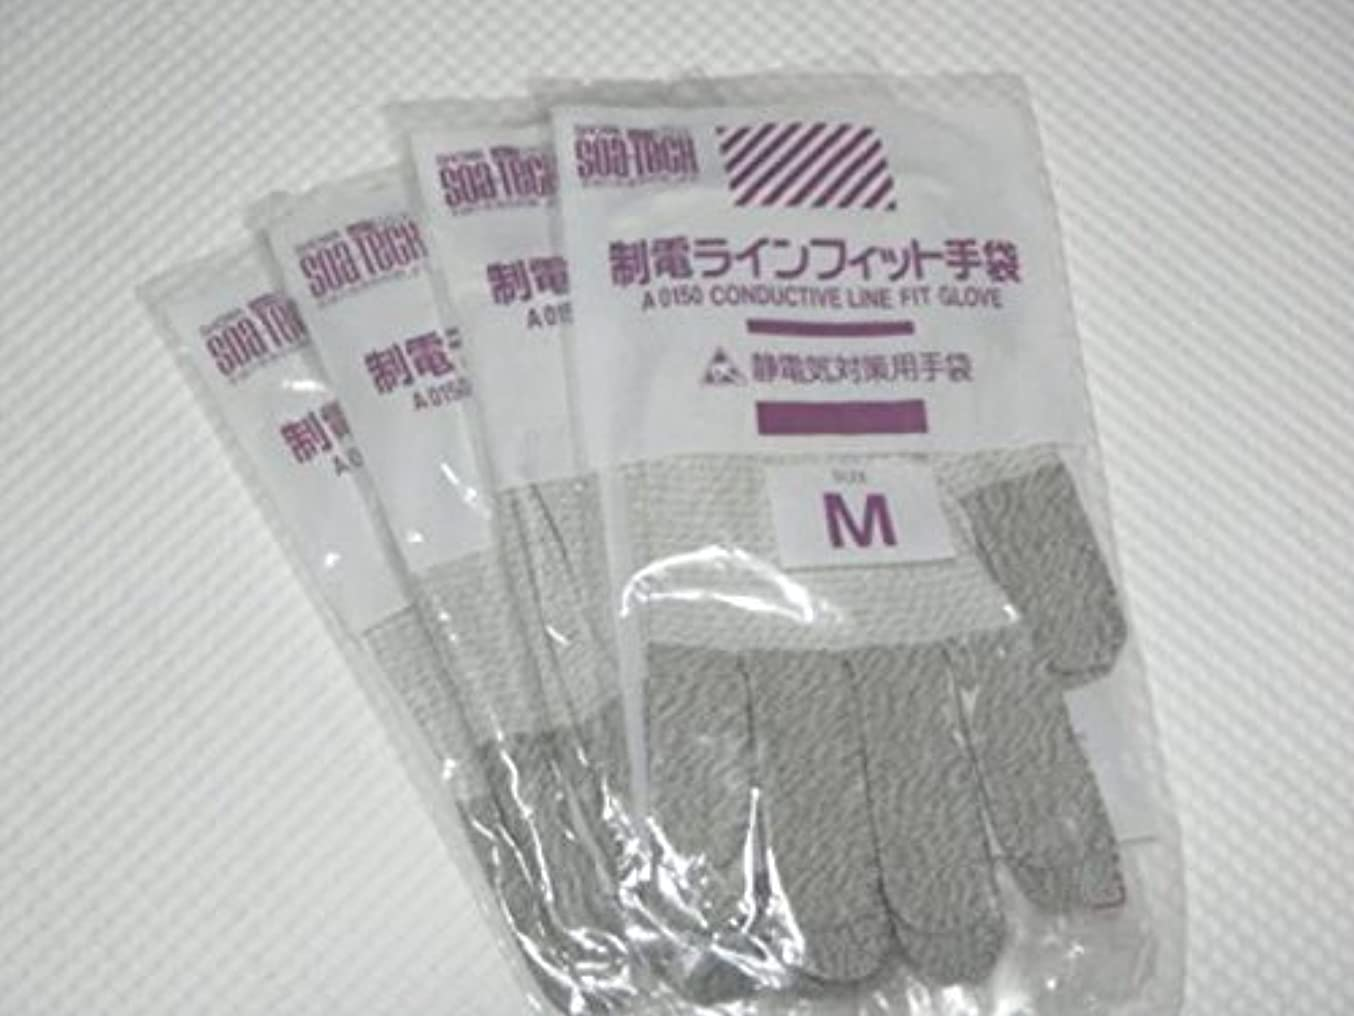 同級生剪断悩みショーワグローブ 制電ラインフィット手袋 Mサイズ A0150-M②